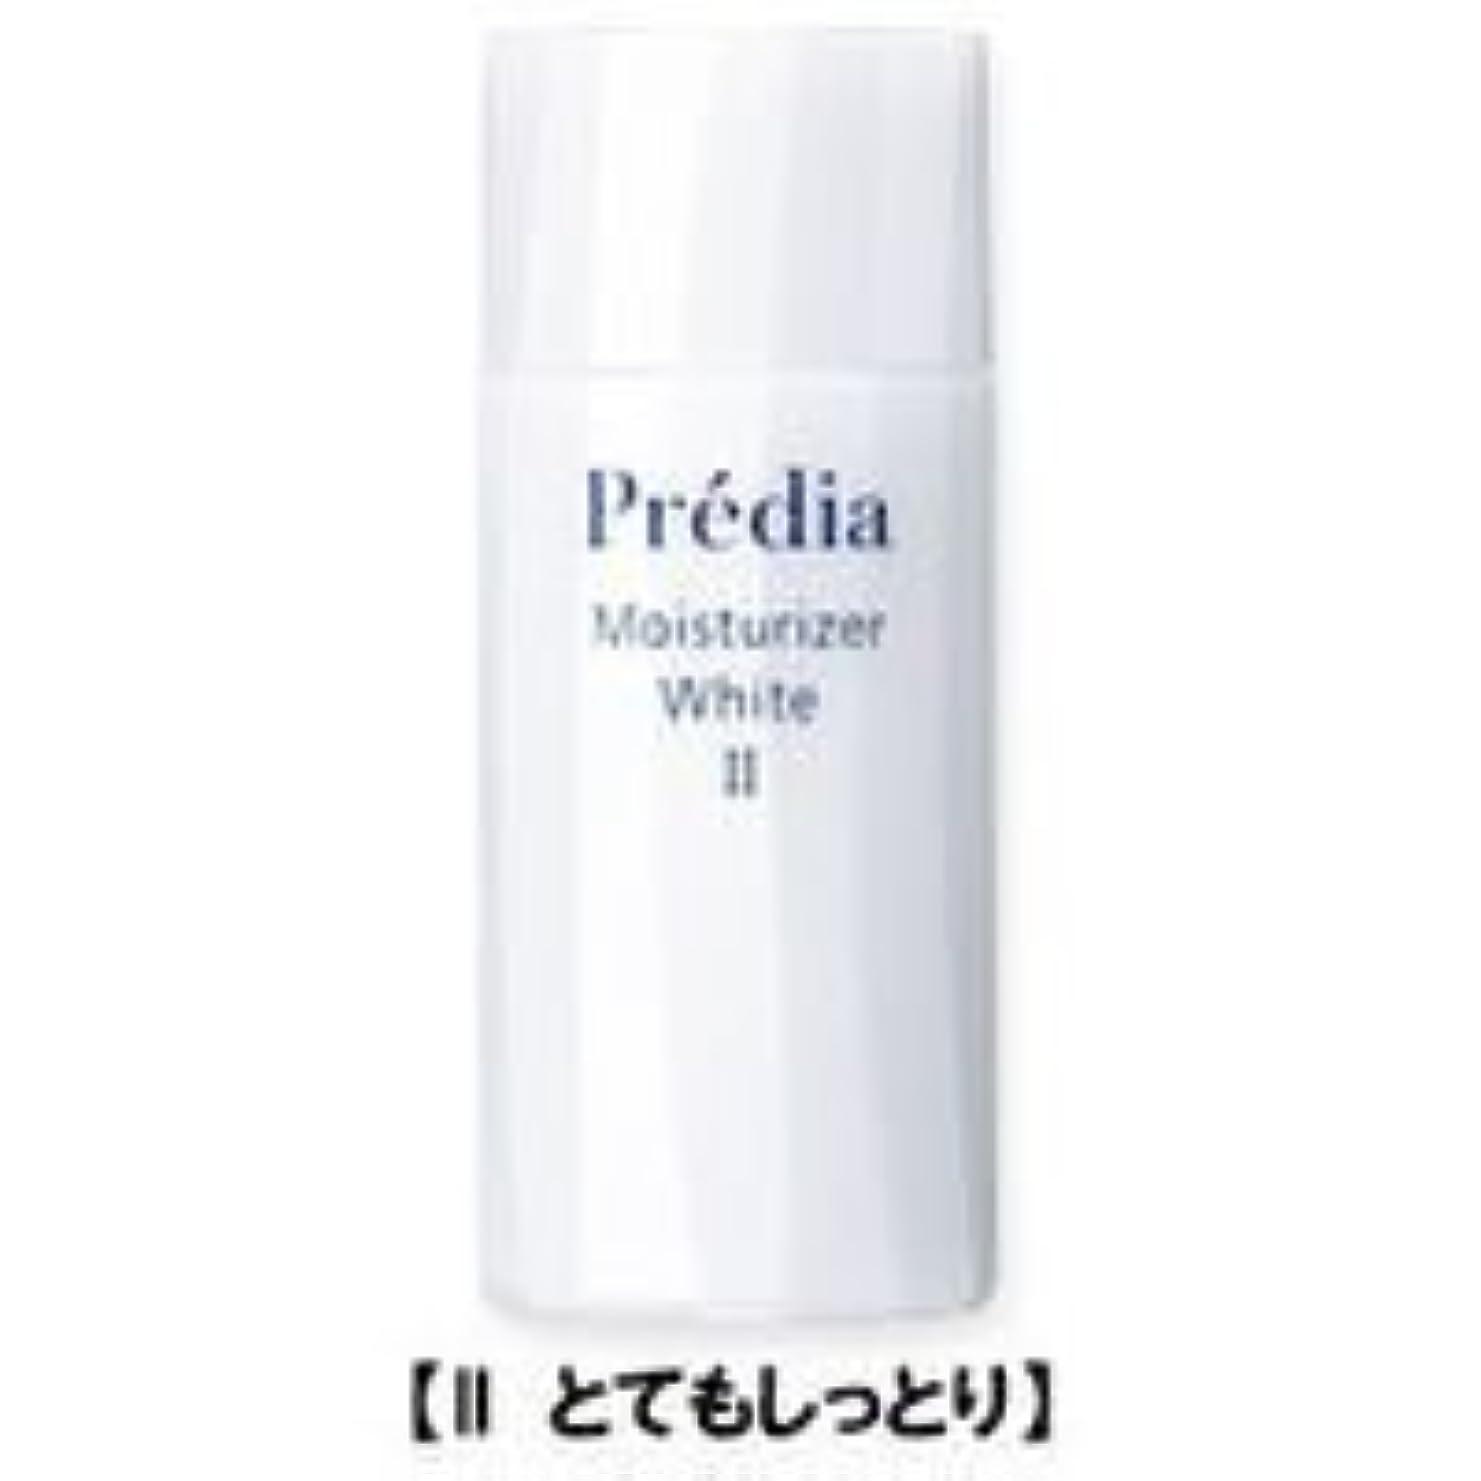 頼る曲げるキノココーセー プレディア モイスチュアライザー ホワイト II とてもしっとり 120ml 乳液